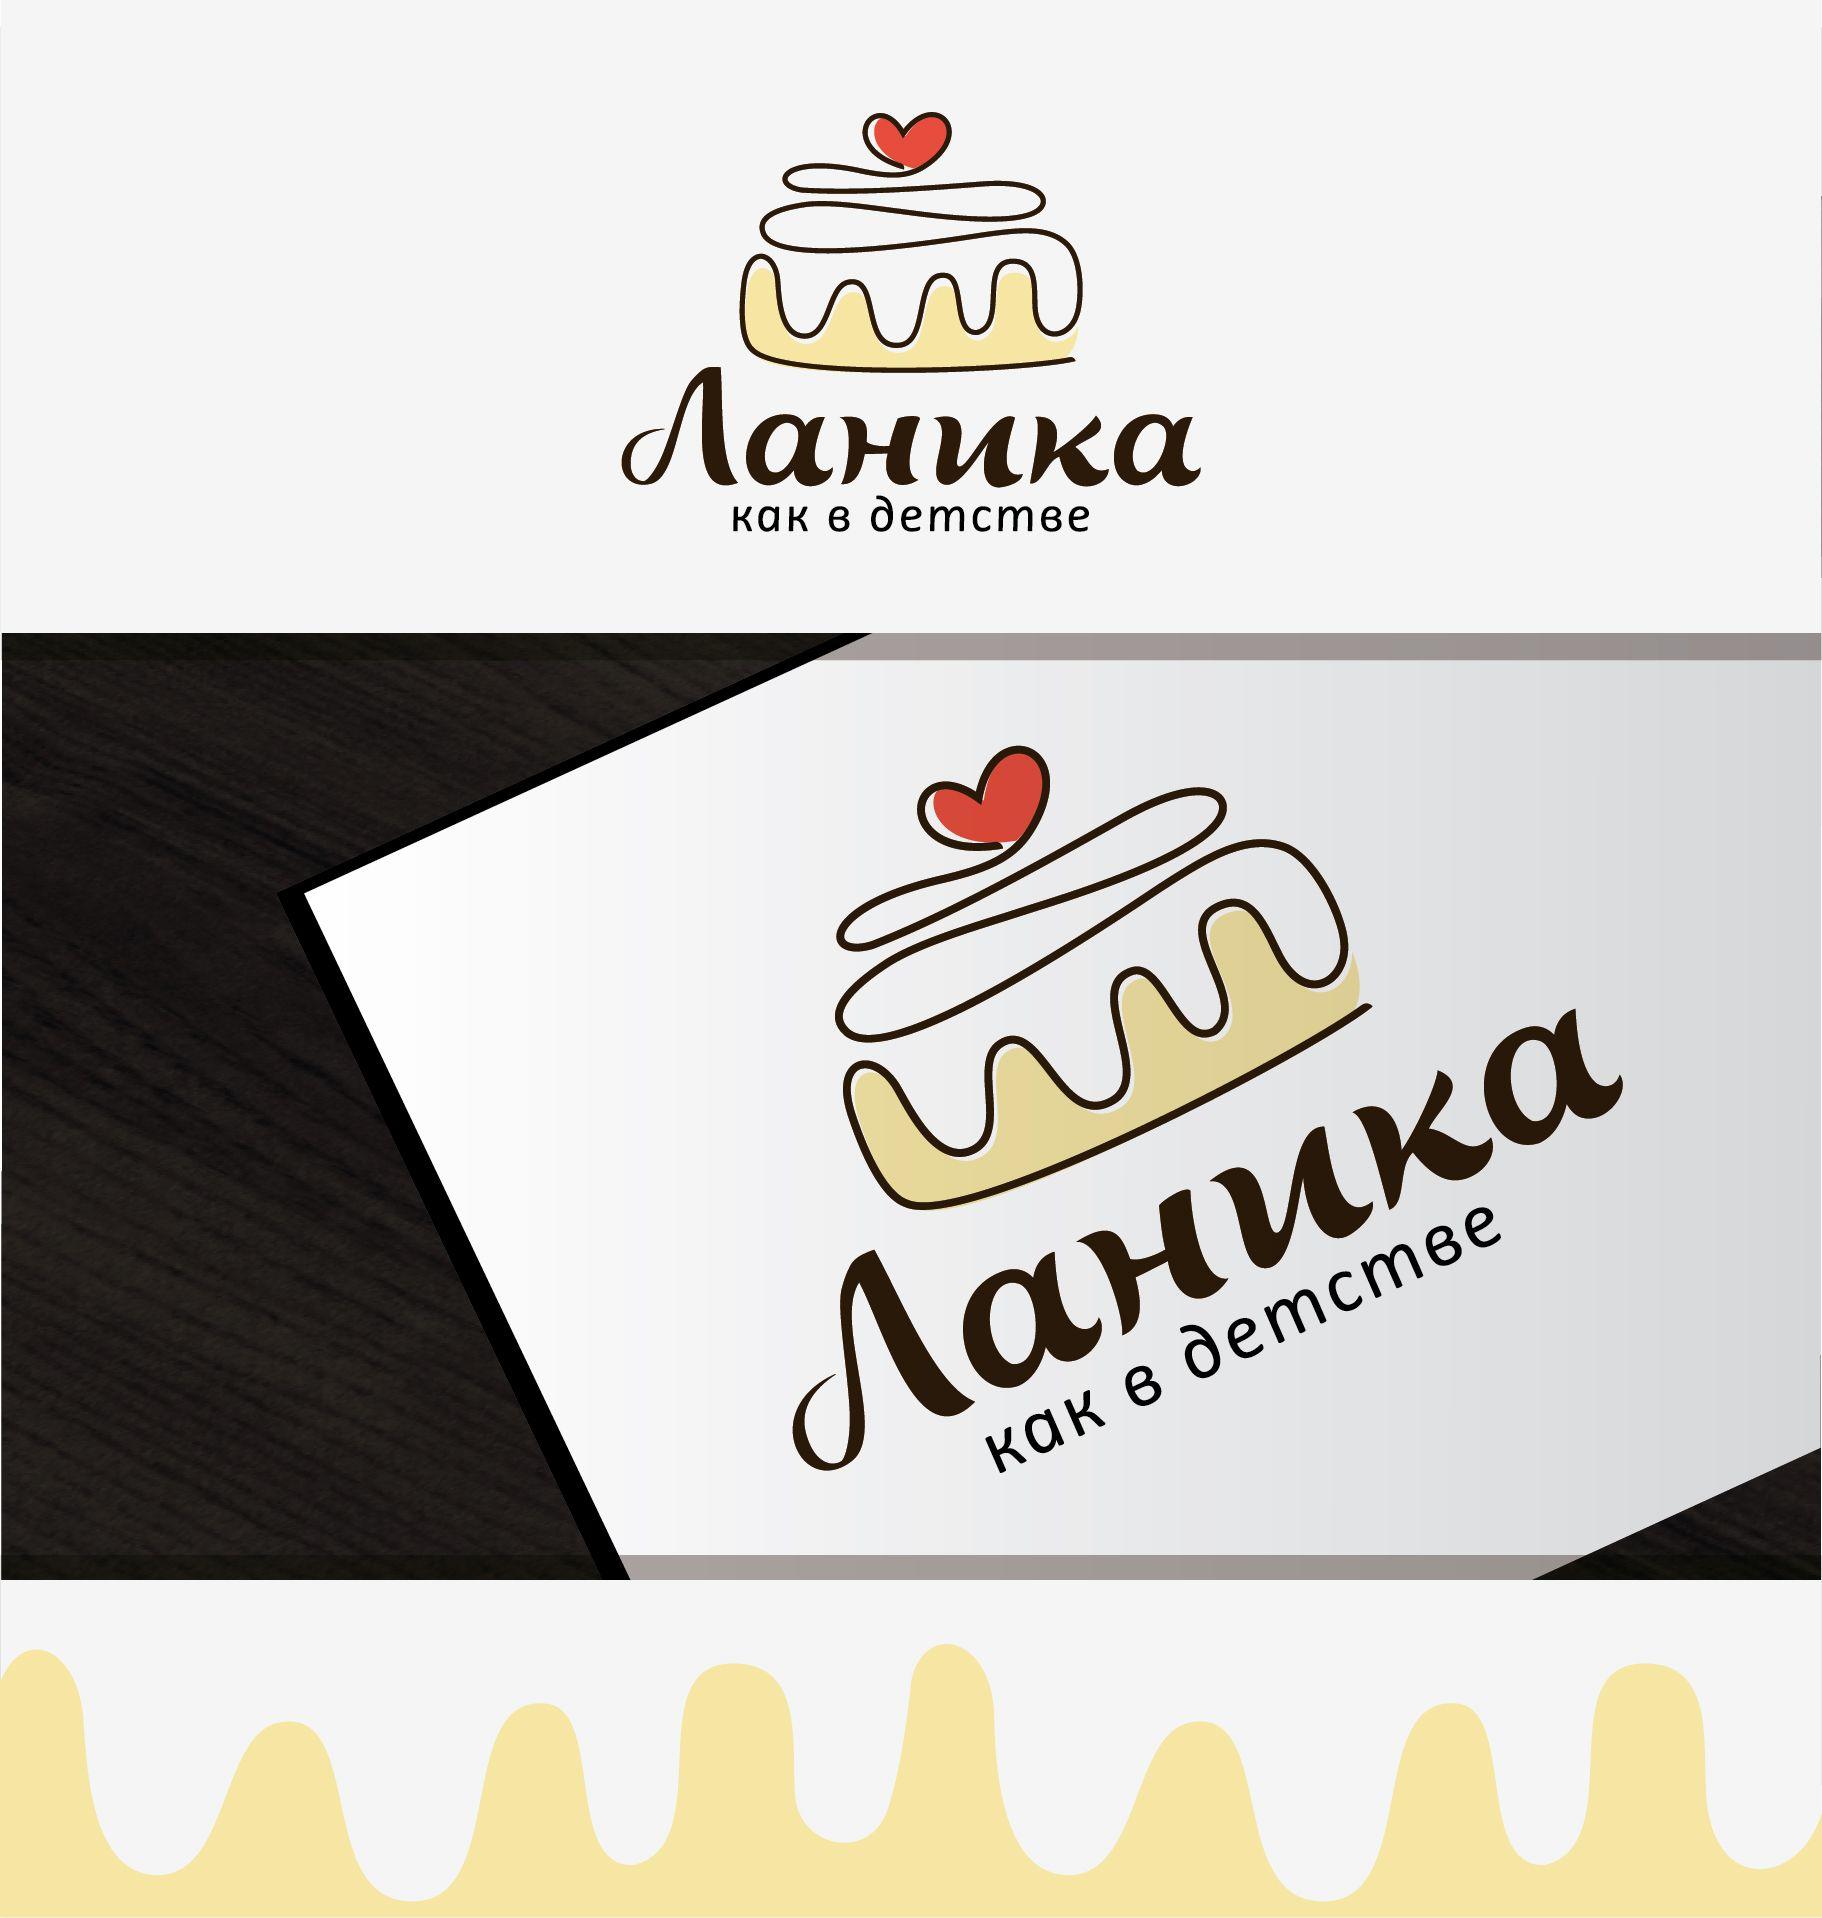 Лого ИМ тортов,пирожных и печенья ручной работы - дизайнер tyska77